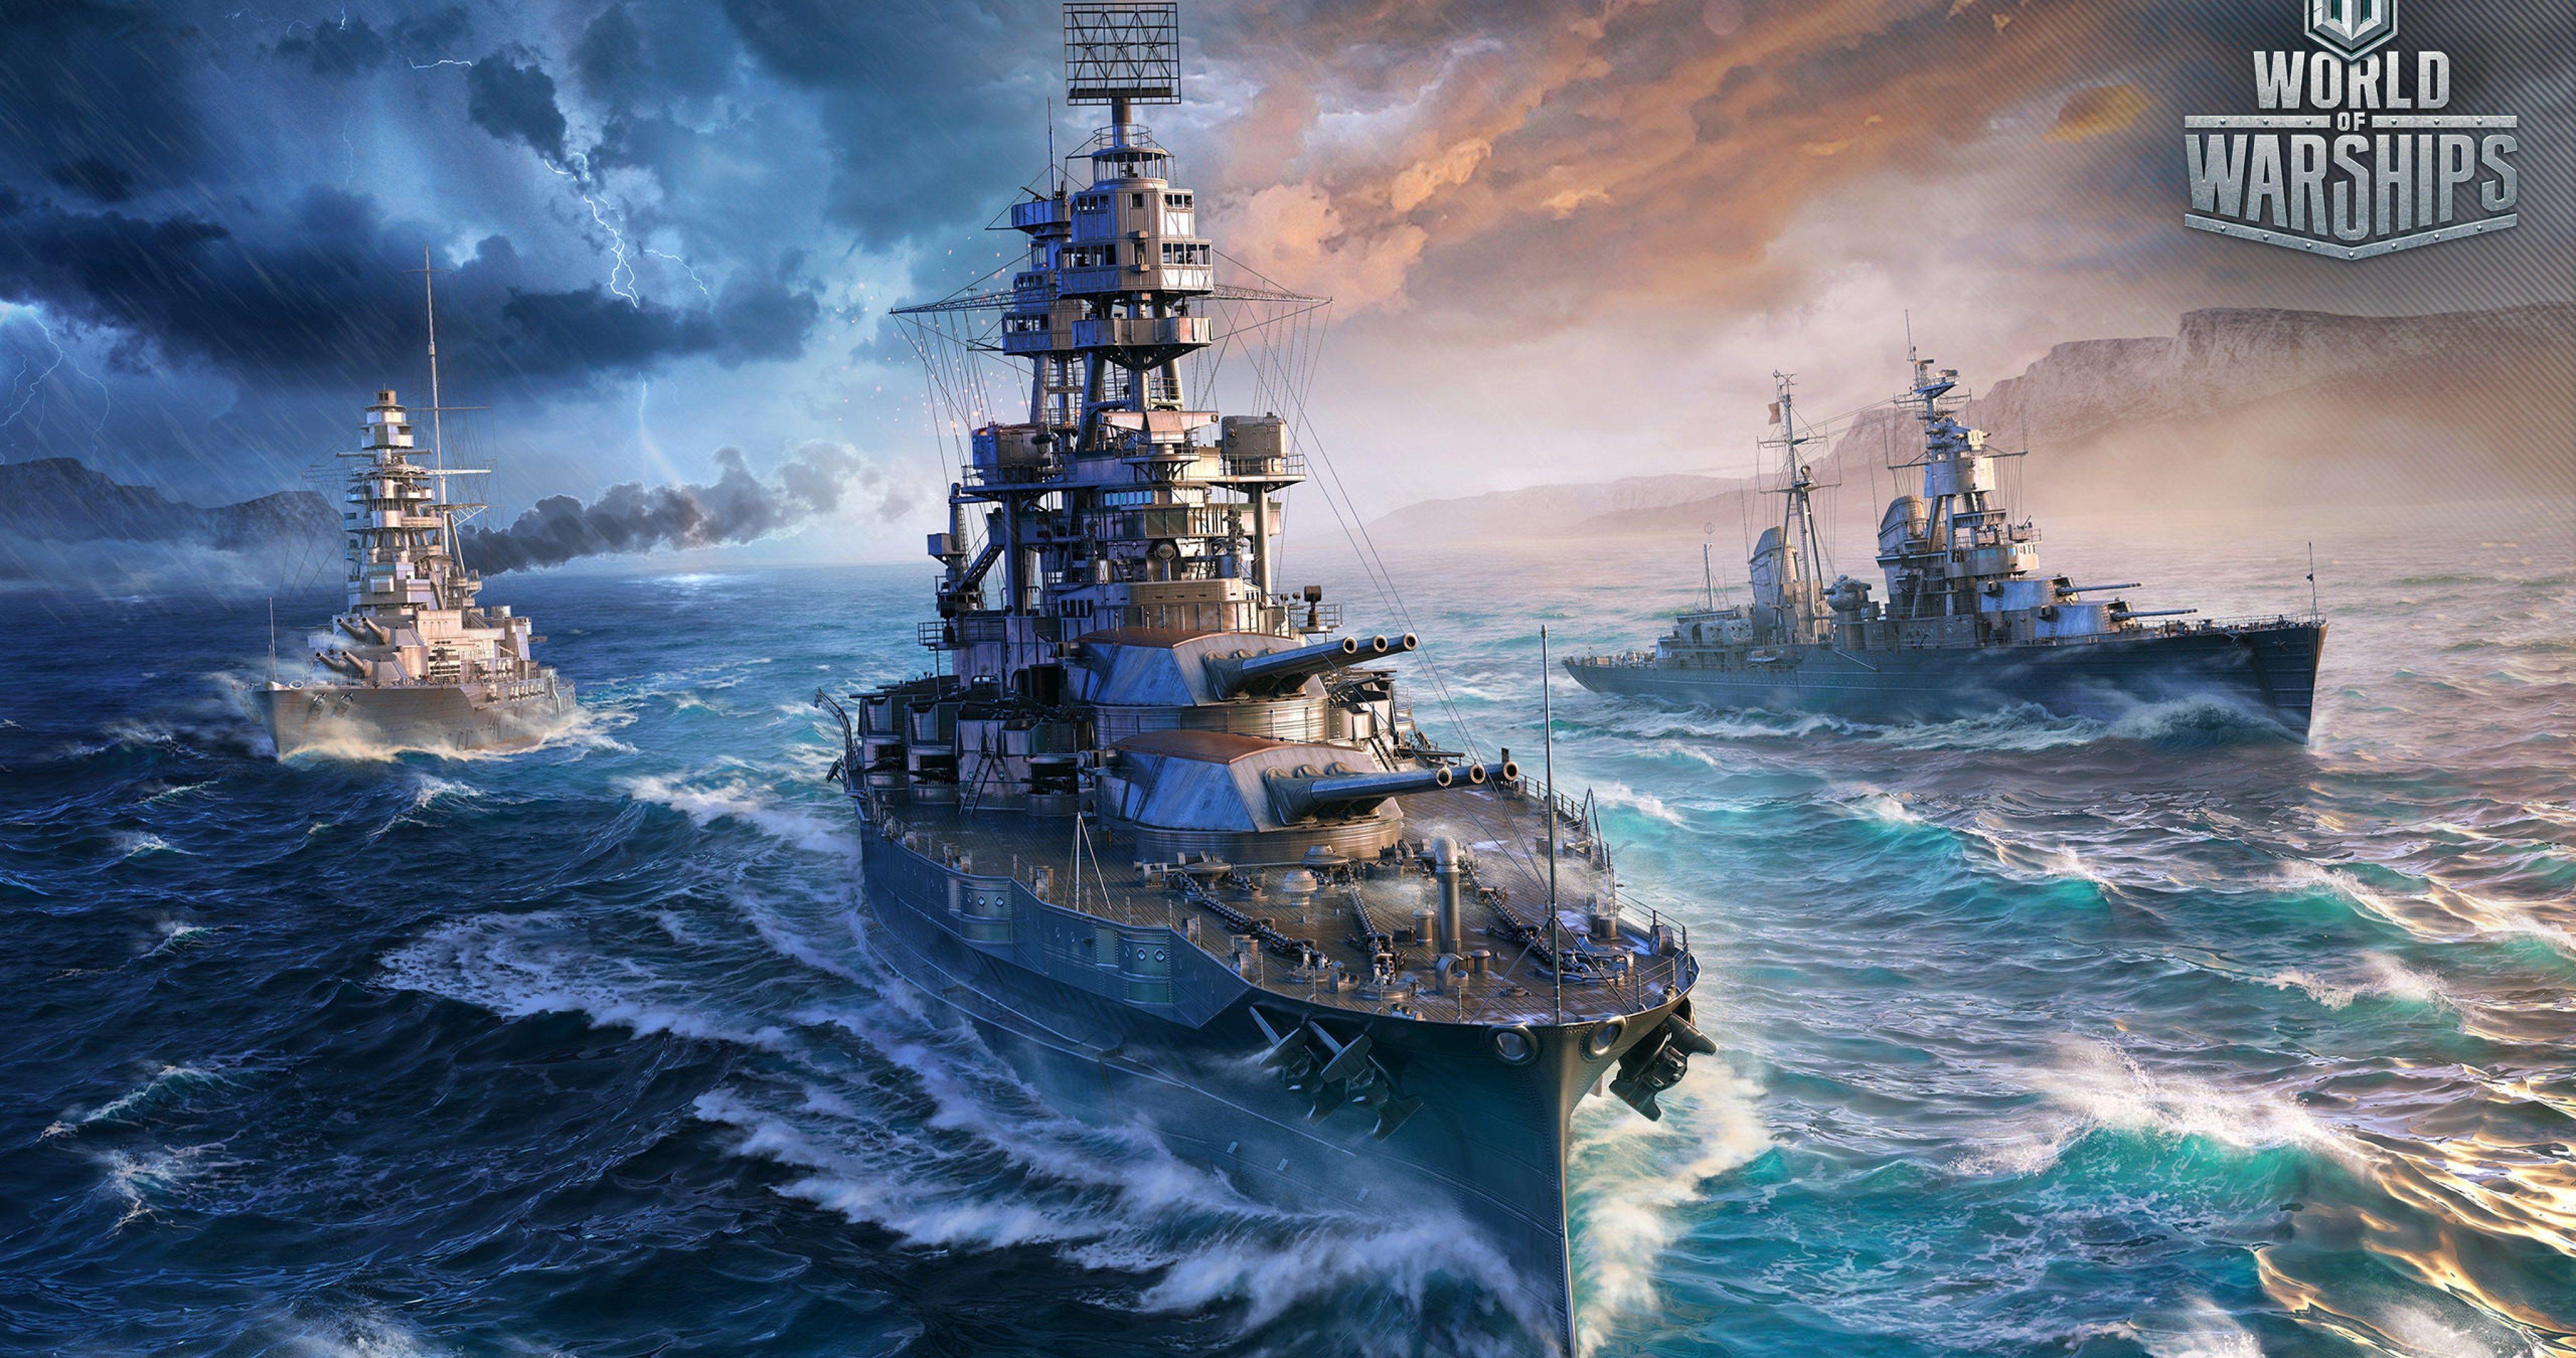 German Battleships 4k Ultra Hd Wallpaper World Of Warships Wallpaper Warship Battleship